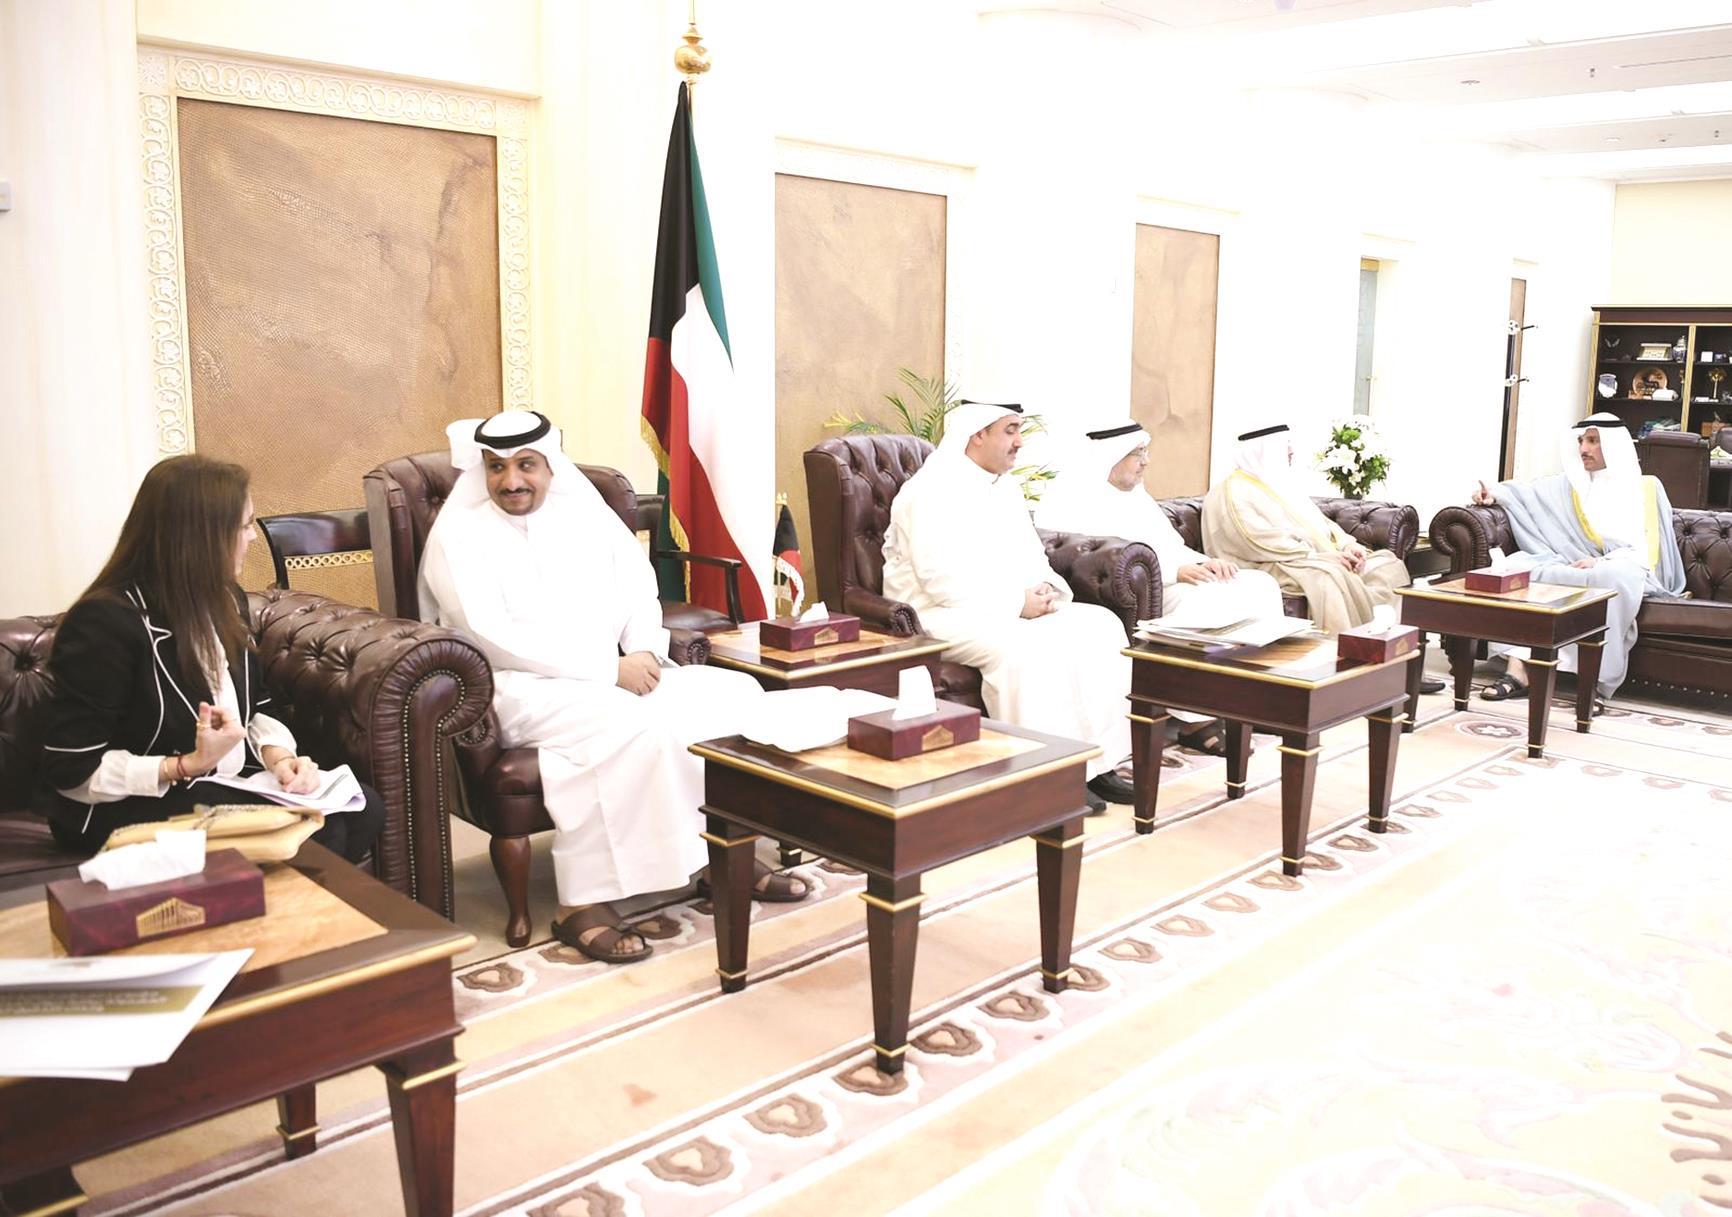 جابر المبارك: مُلتزمون مكافحة الفساد ودعم إجراءات حماية الأموال العامة